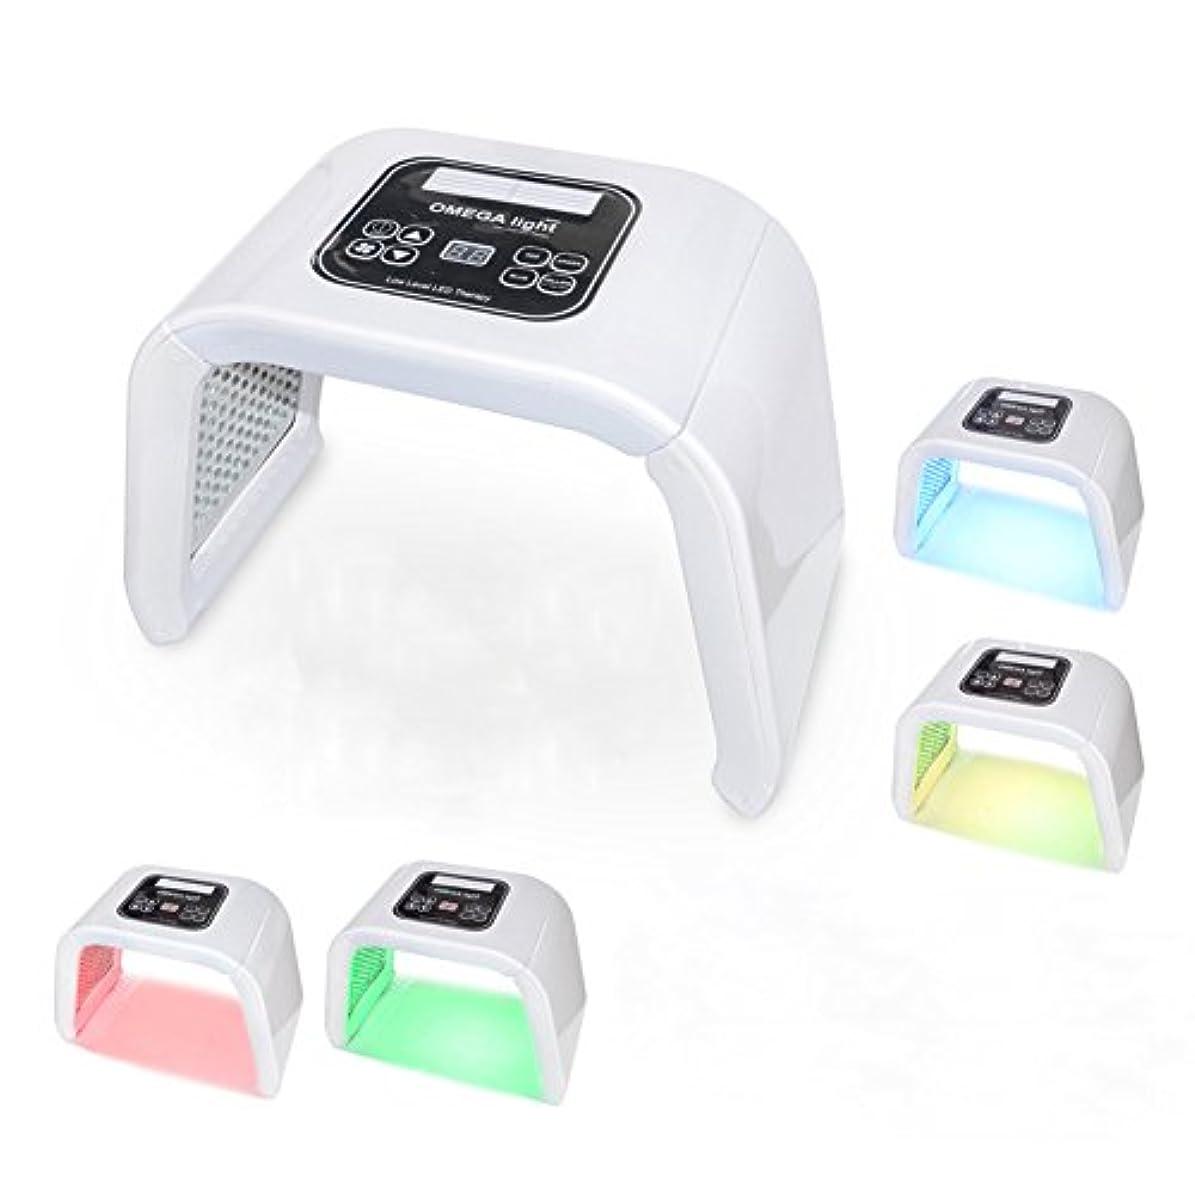 ひいきにする落ち着かない虐待にきびの皮の若返りの美装置を白くする光子療法機械LED 4色,White